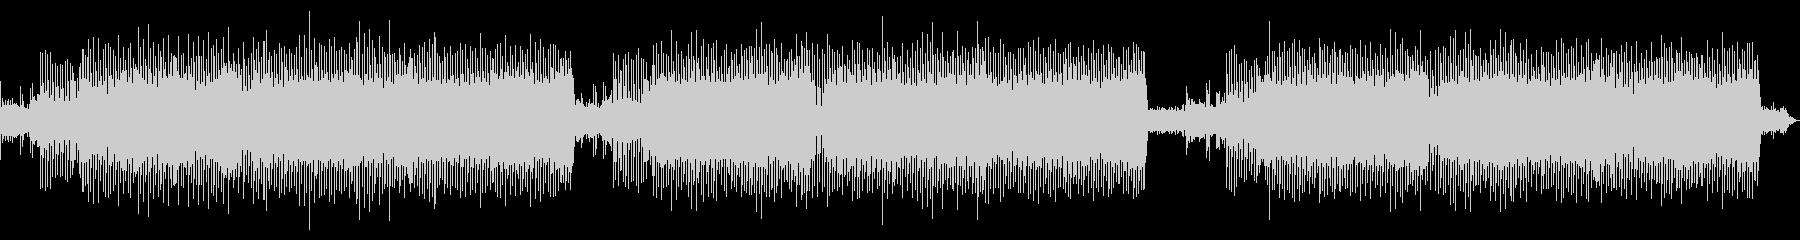 シューティングゲーム風BGMロングmixの未再生の波形